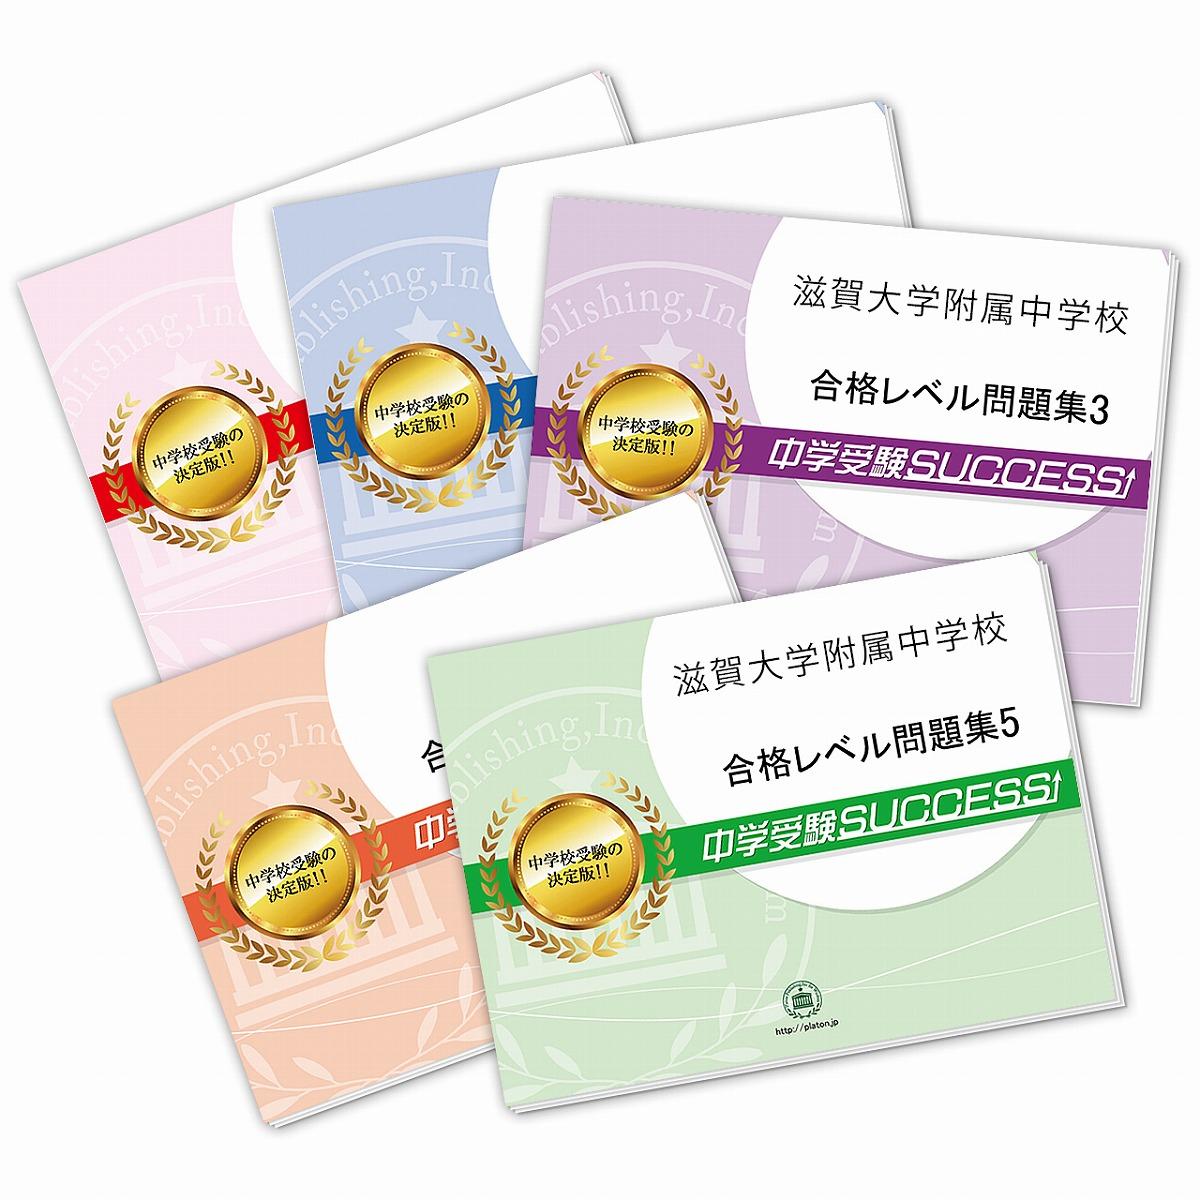 【送料・代引手数料無料】滋賀大学附属中学校・直前対策合格セット(5冊)